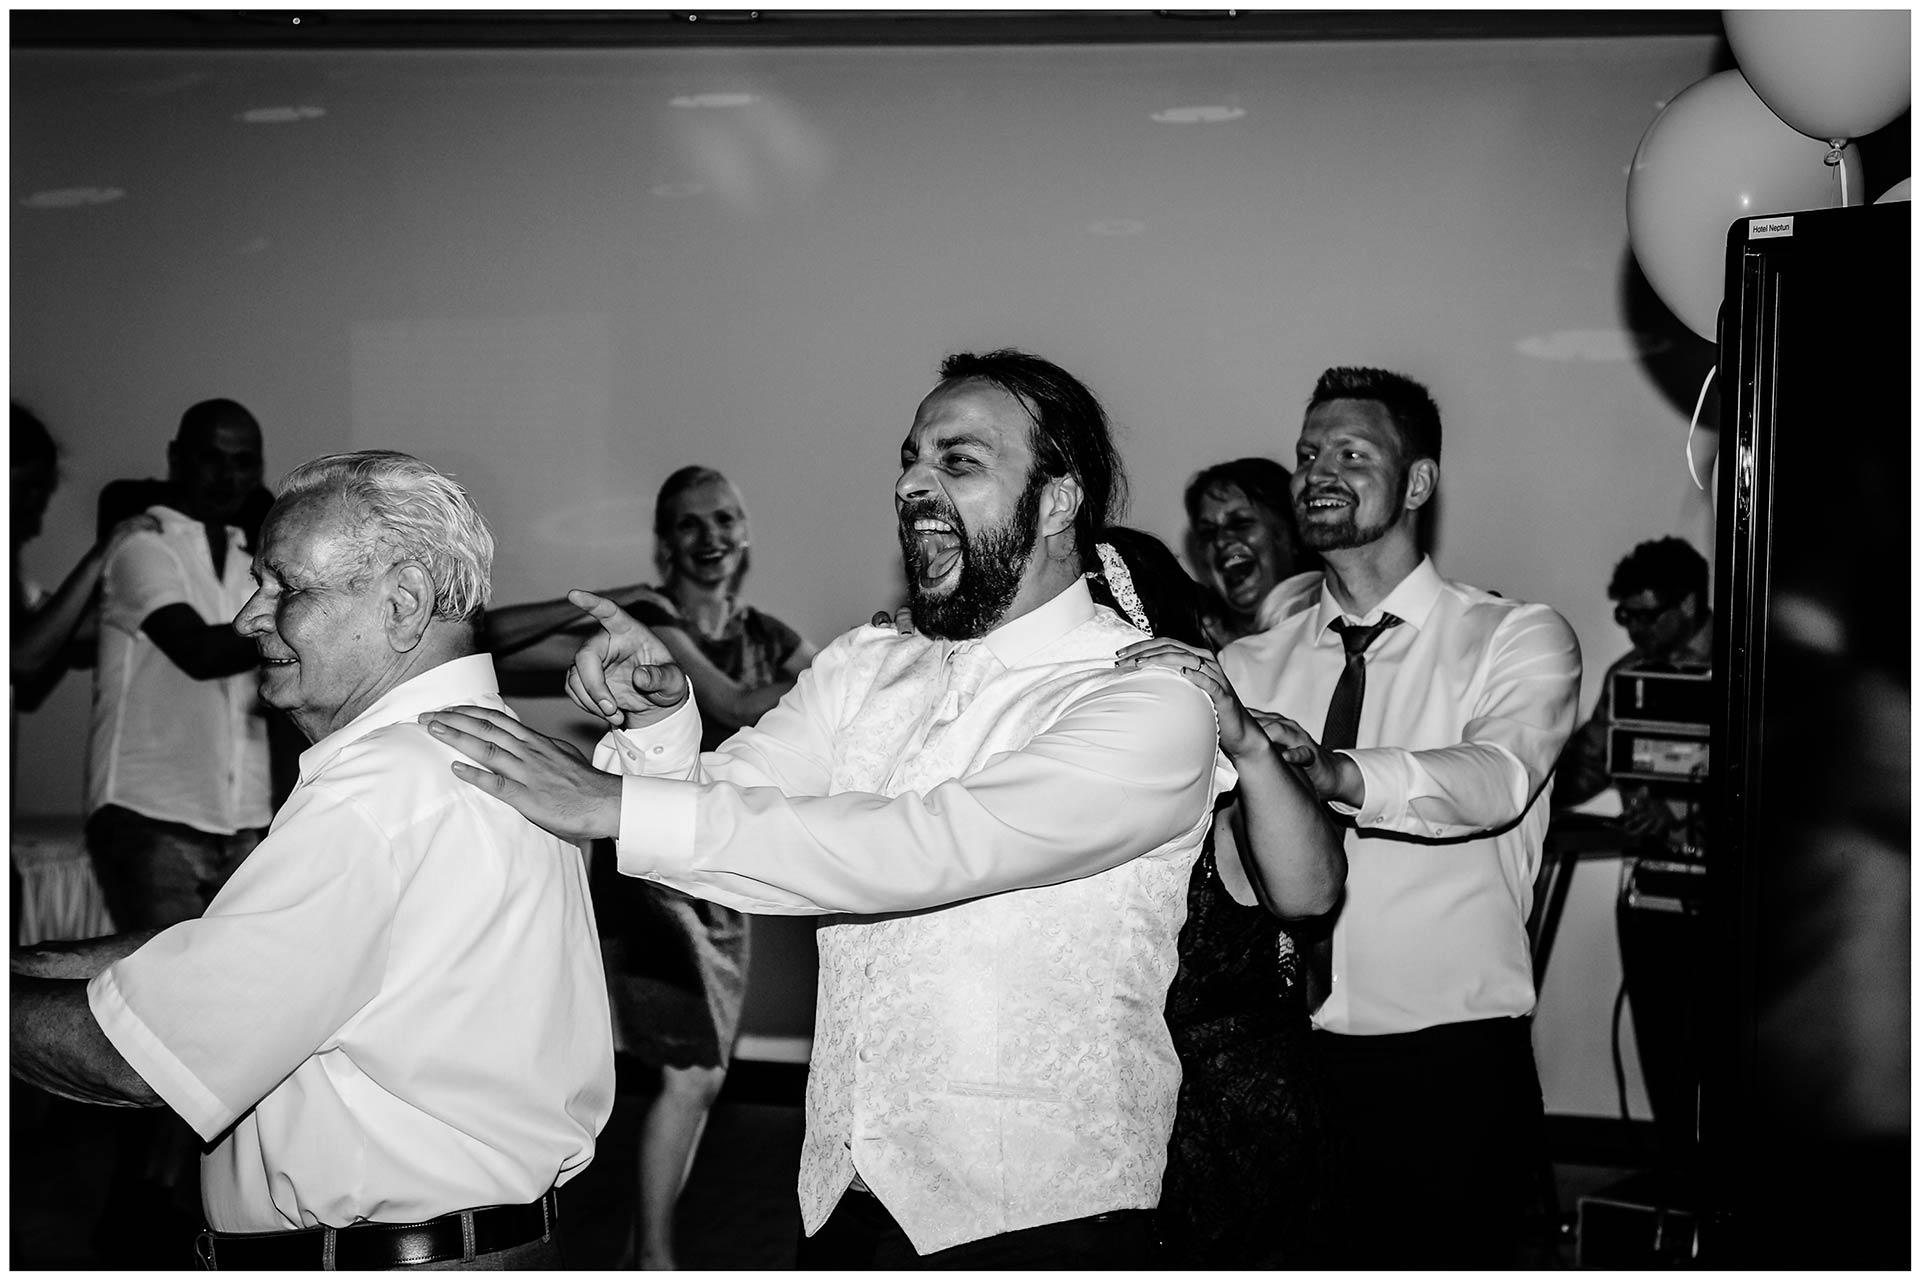 Braeutigam-und-Gaeste-tanzen-eine-Polonaise-Hochzeit-im-Hotel-Neptun-Hochzeitsfotograf-Warnemuende-Hochzeitsfotograf-Rostock-Hochzeitsfotograf-Ostseebad-Warnemuende